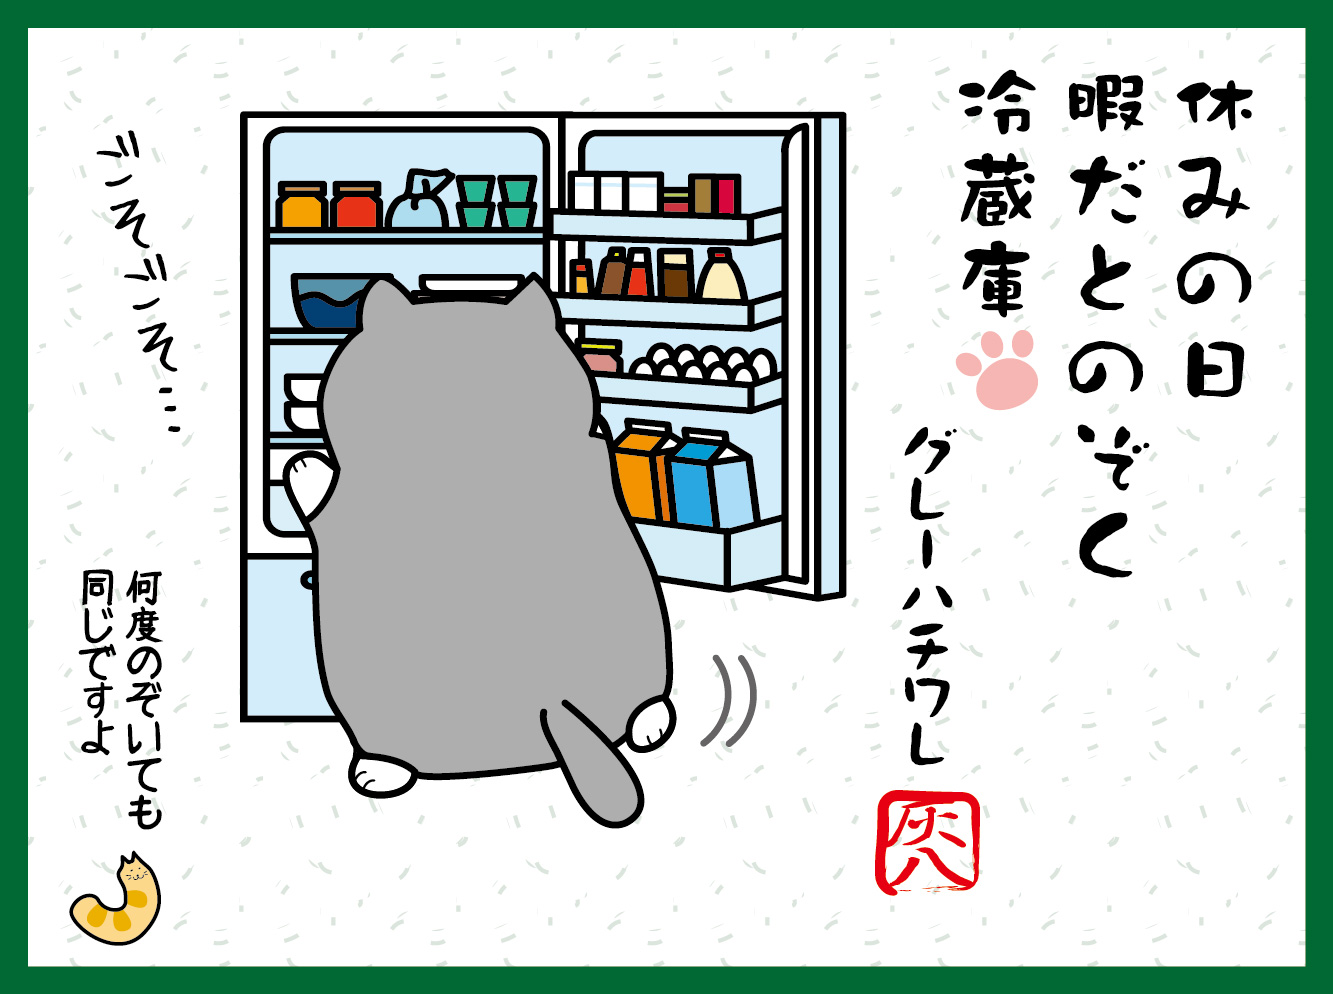 休みの日 暇だとのぞく 冷蔵庫